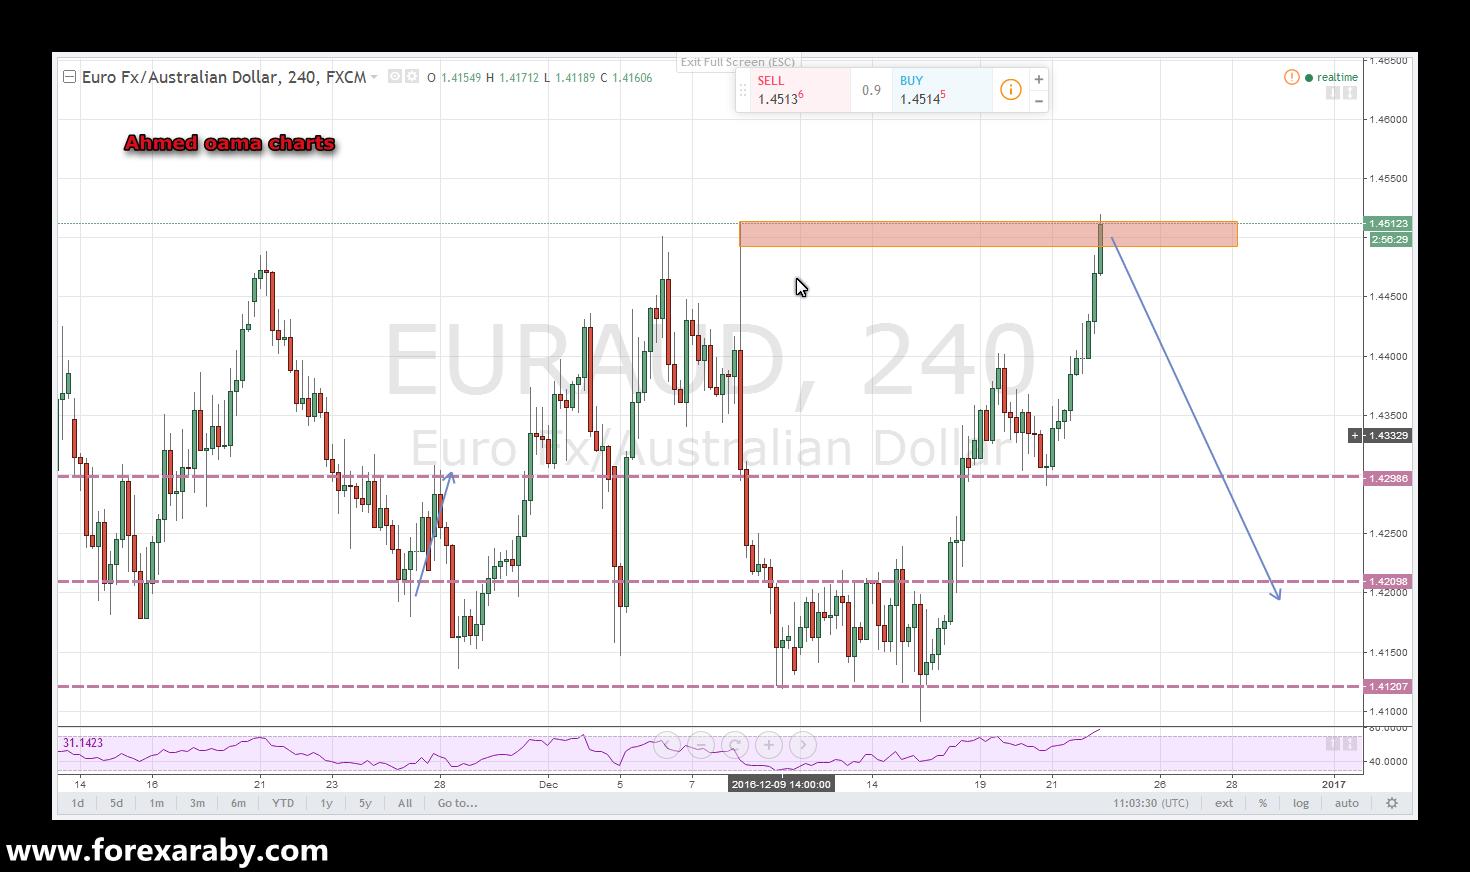 فرصة بيع على اليورو استرالى